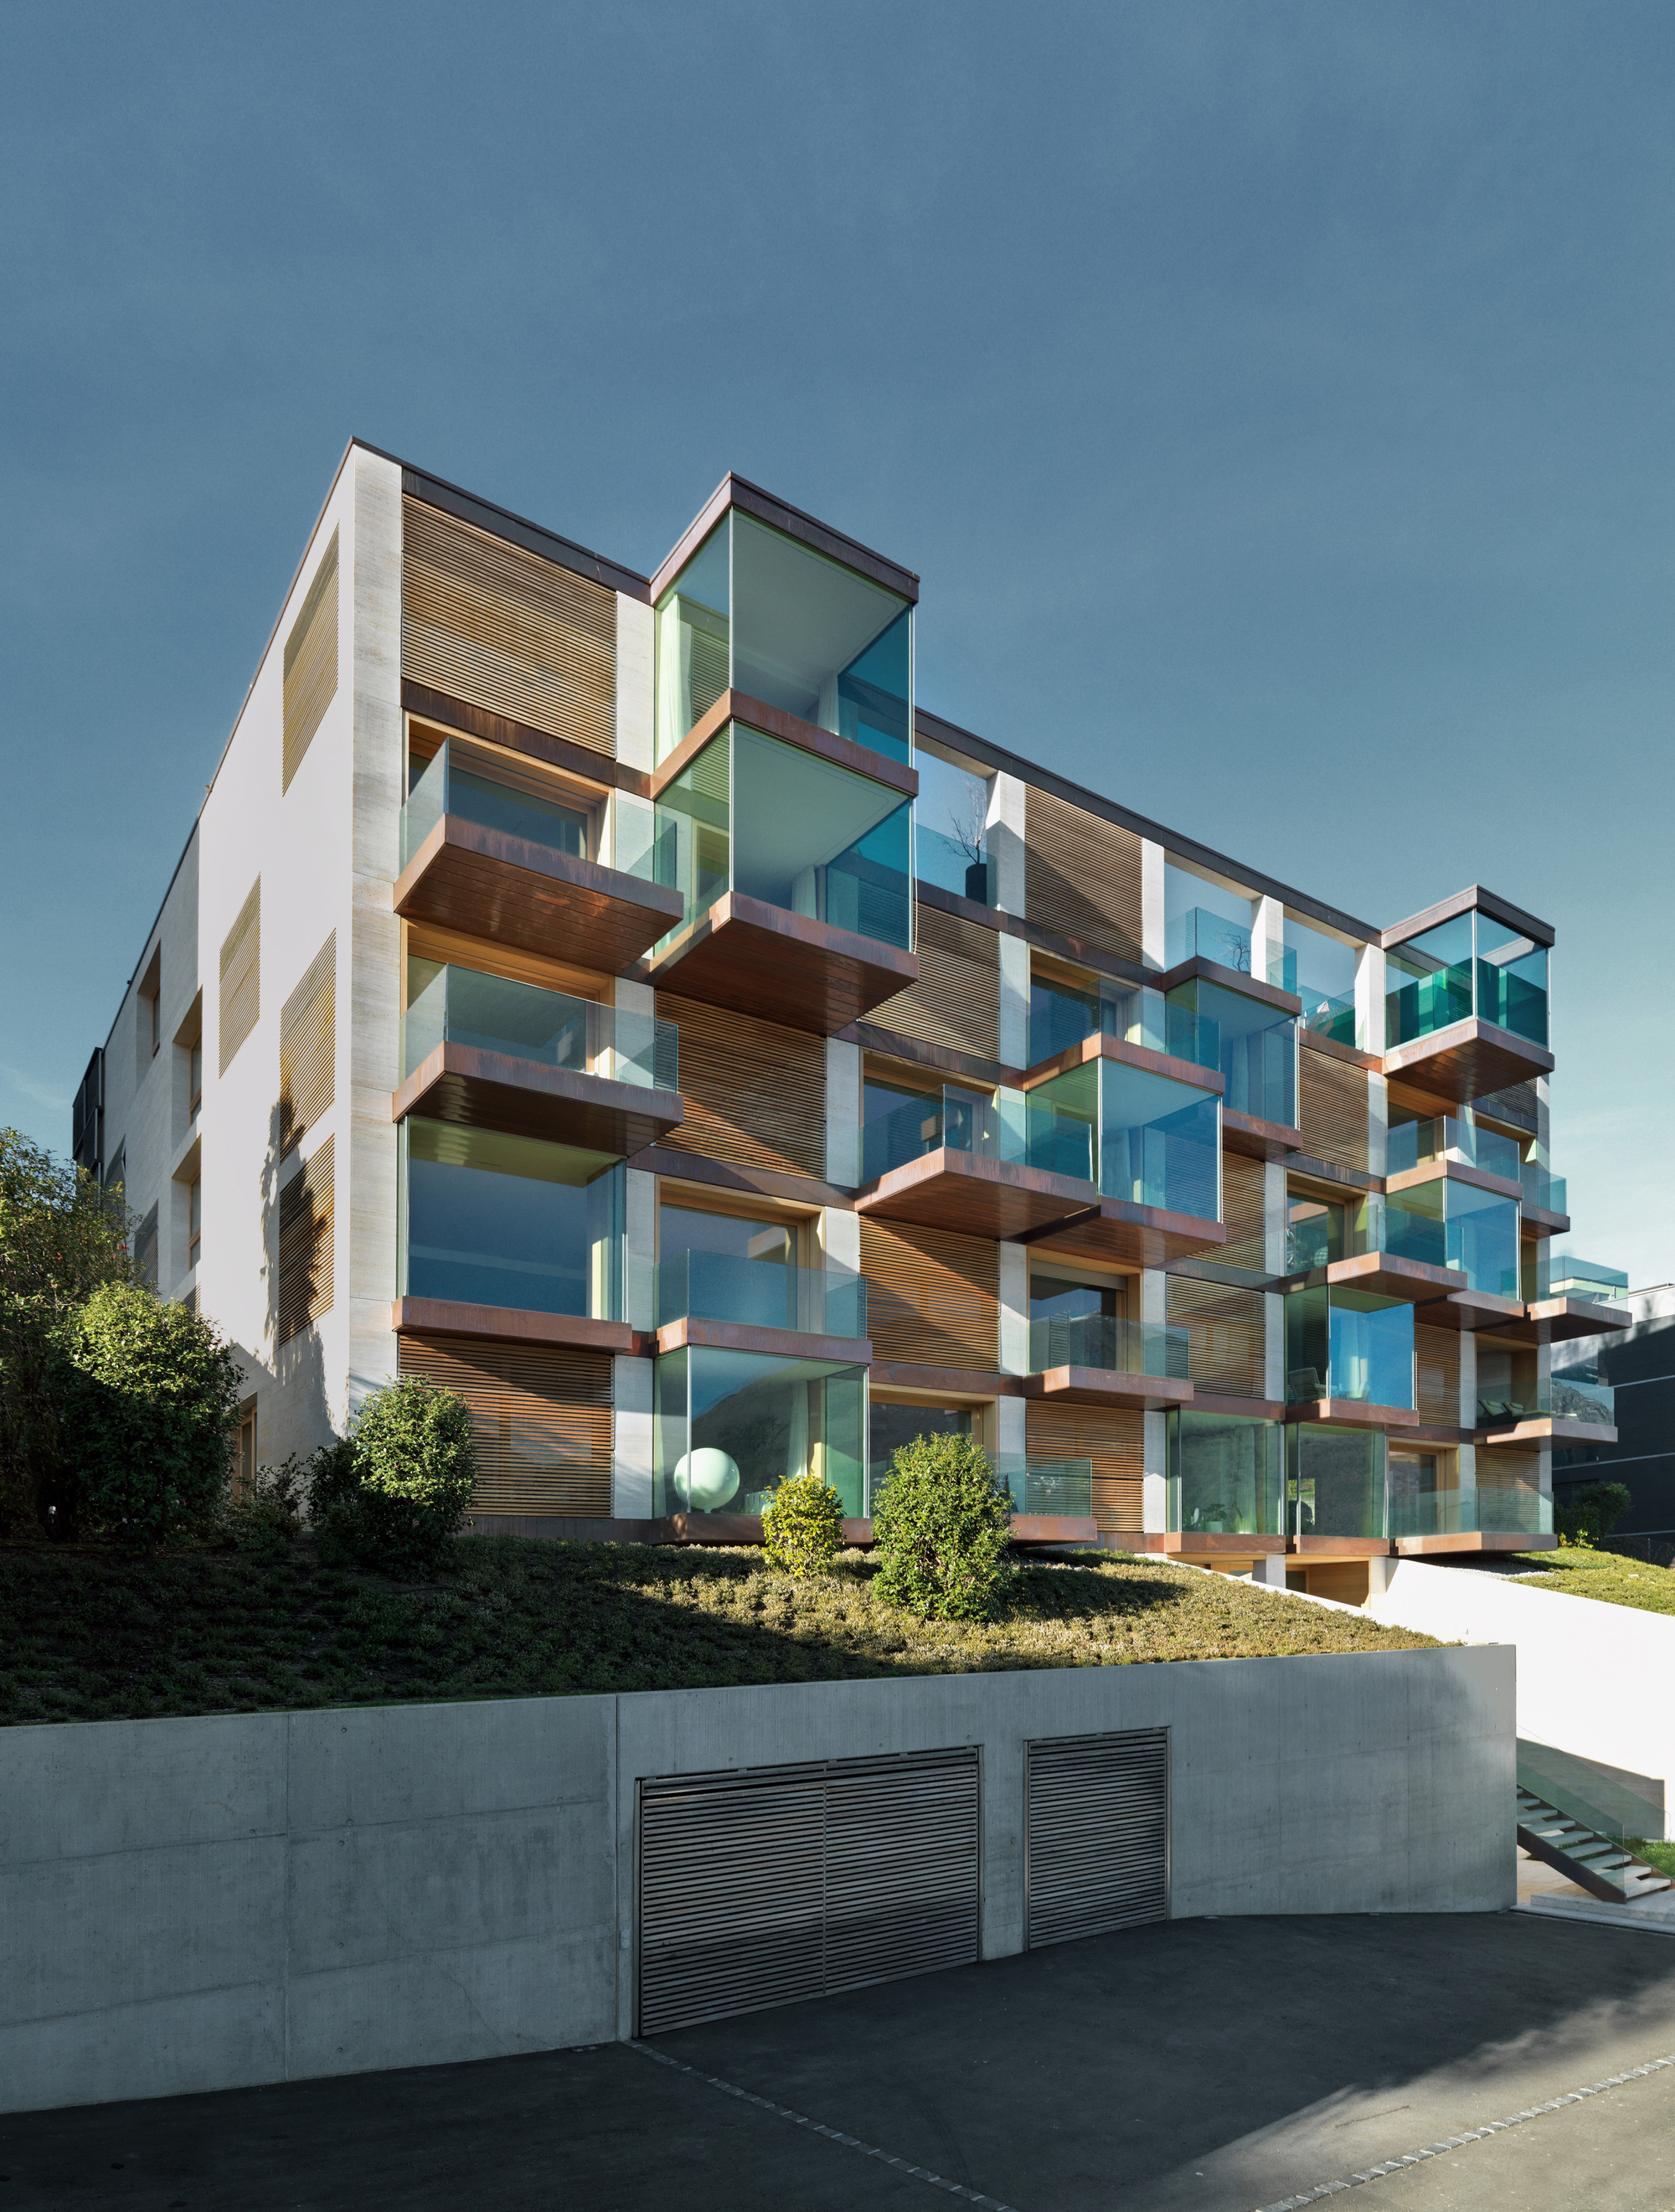 Garage Apt Plans Urbanizaci 243 N De Lujo Con Una Fachada Hecha De Cubos De